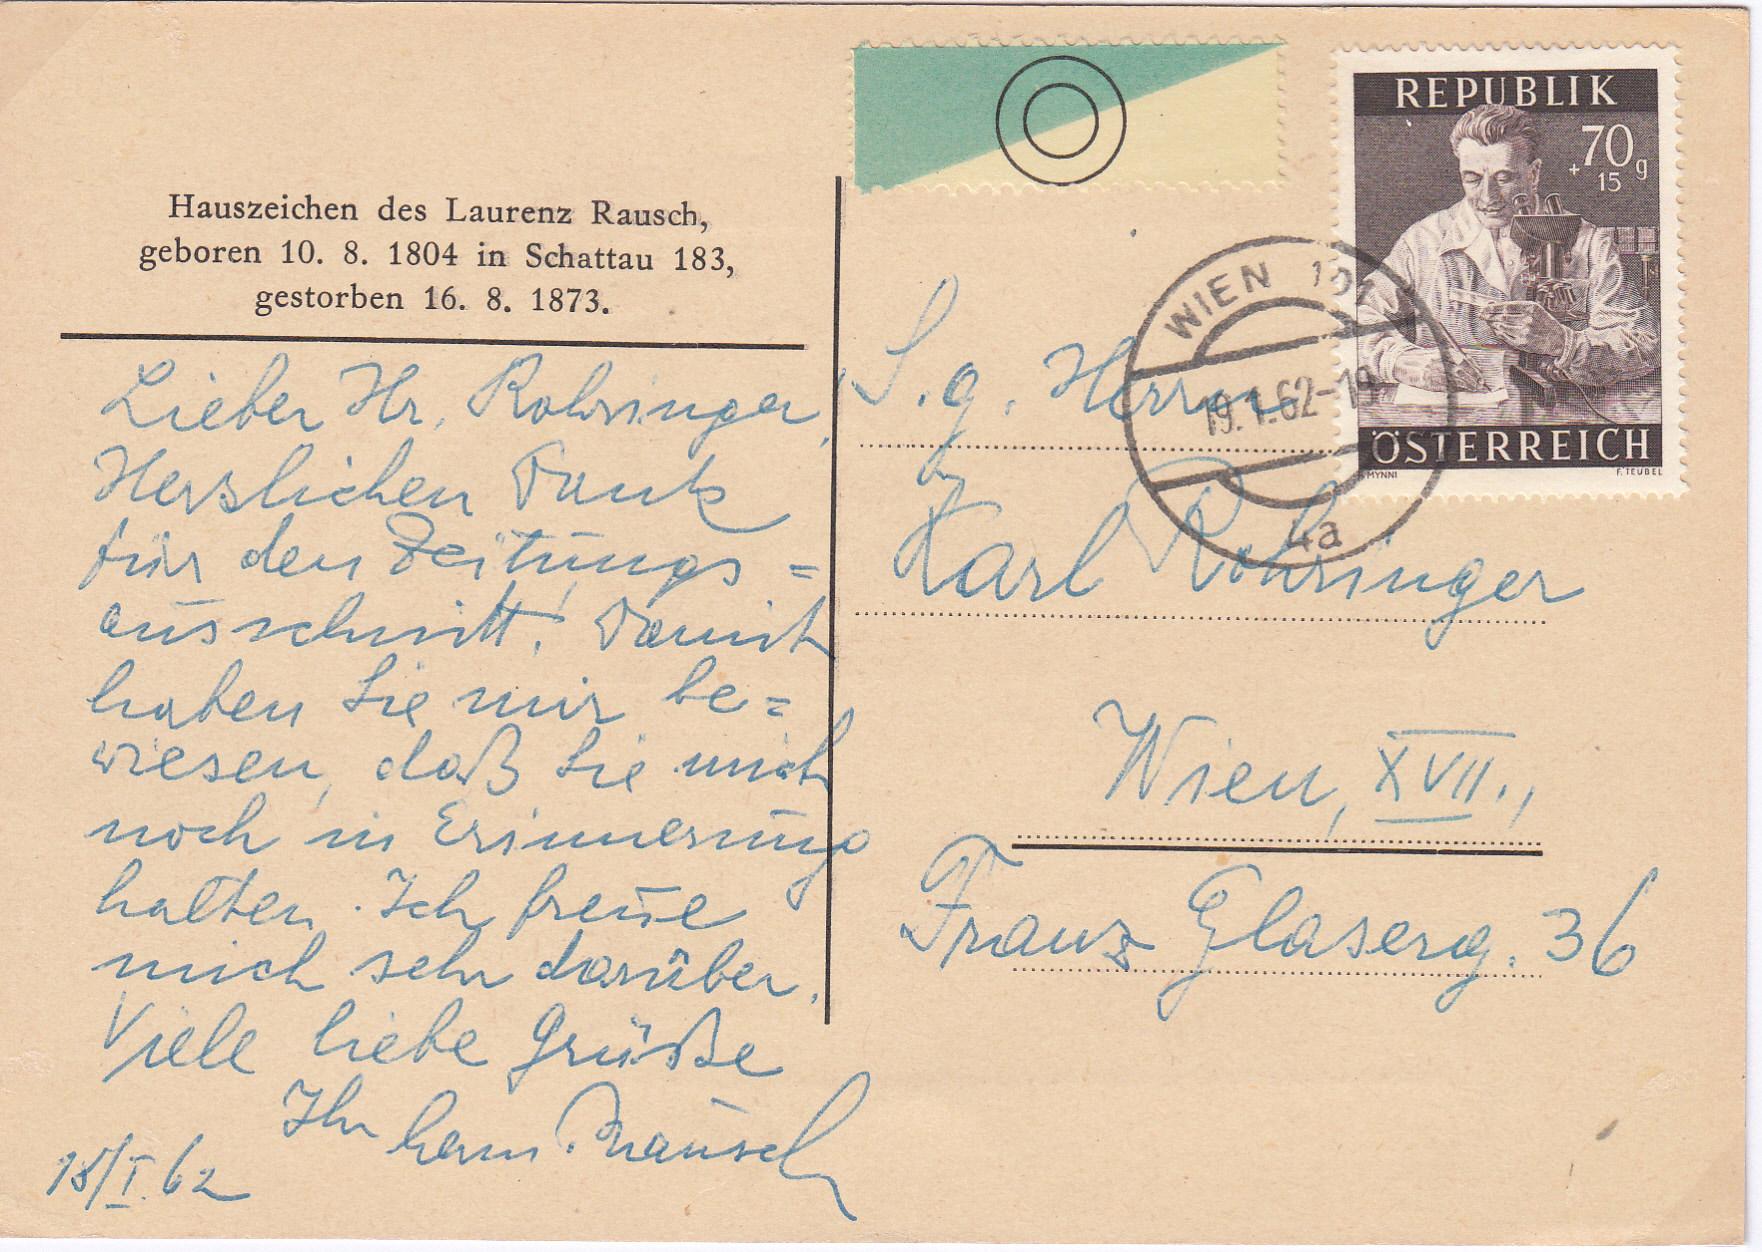 Sammlung Bedarfsbriefe Österreich ab 1945 - Seite 12 Img_0163